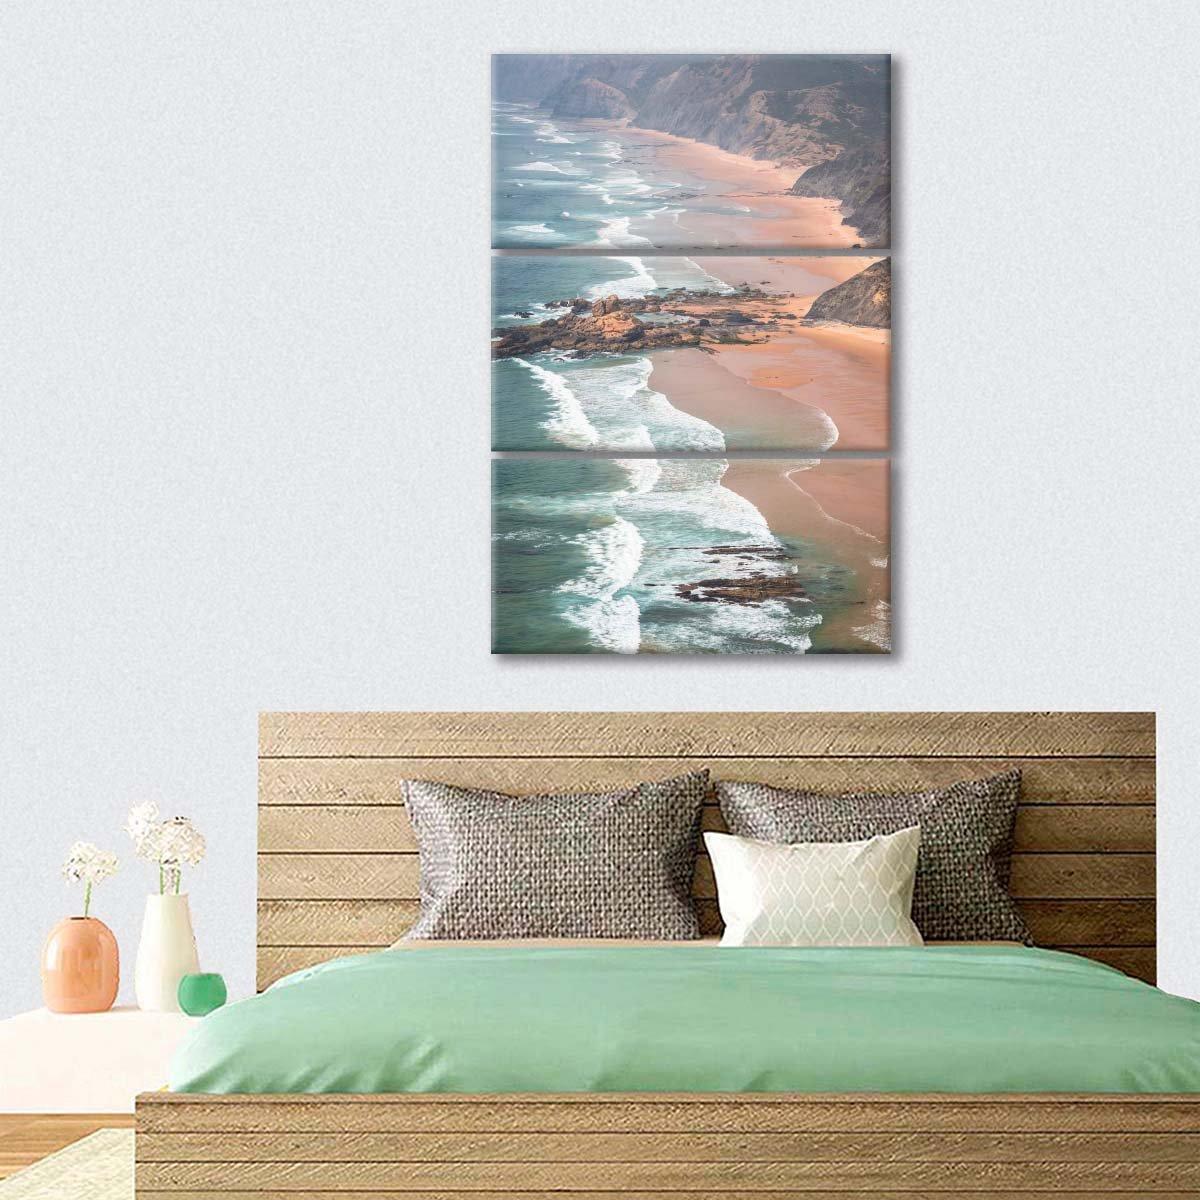 Sea Foam Multi Panel Canvas Wall Art